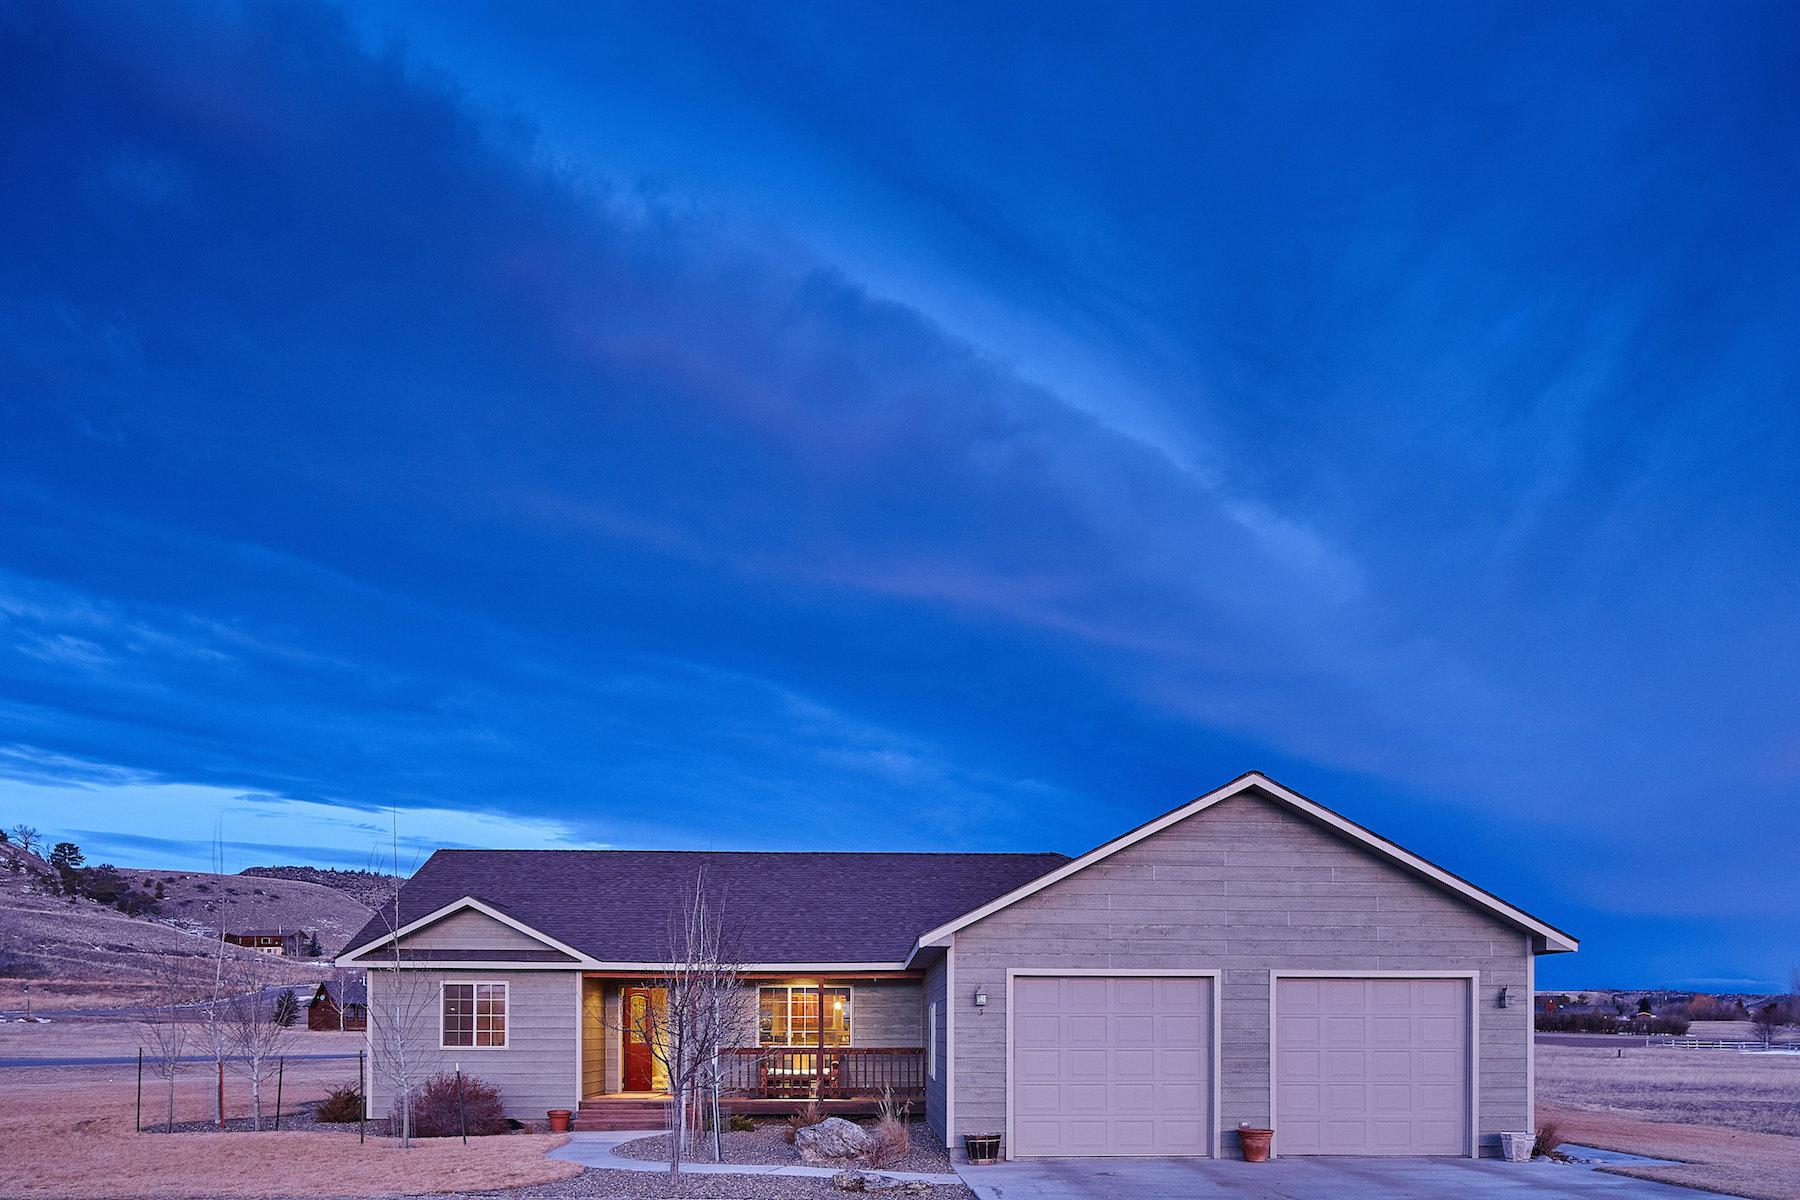 独户住宅 为 销售 在 Home in the heart of the Madison Valley 3 Madison Drive Ennis, 蒙大拿州 59729 美国